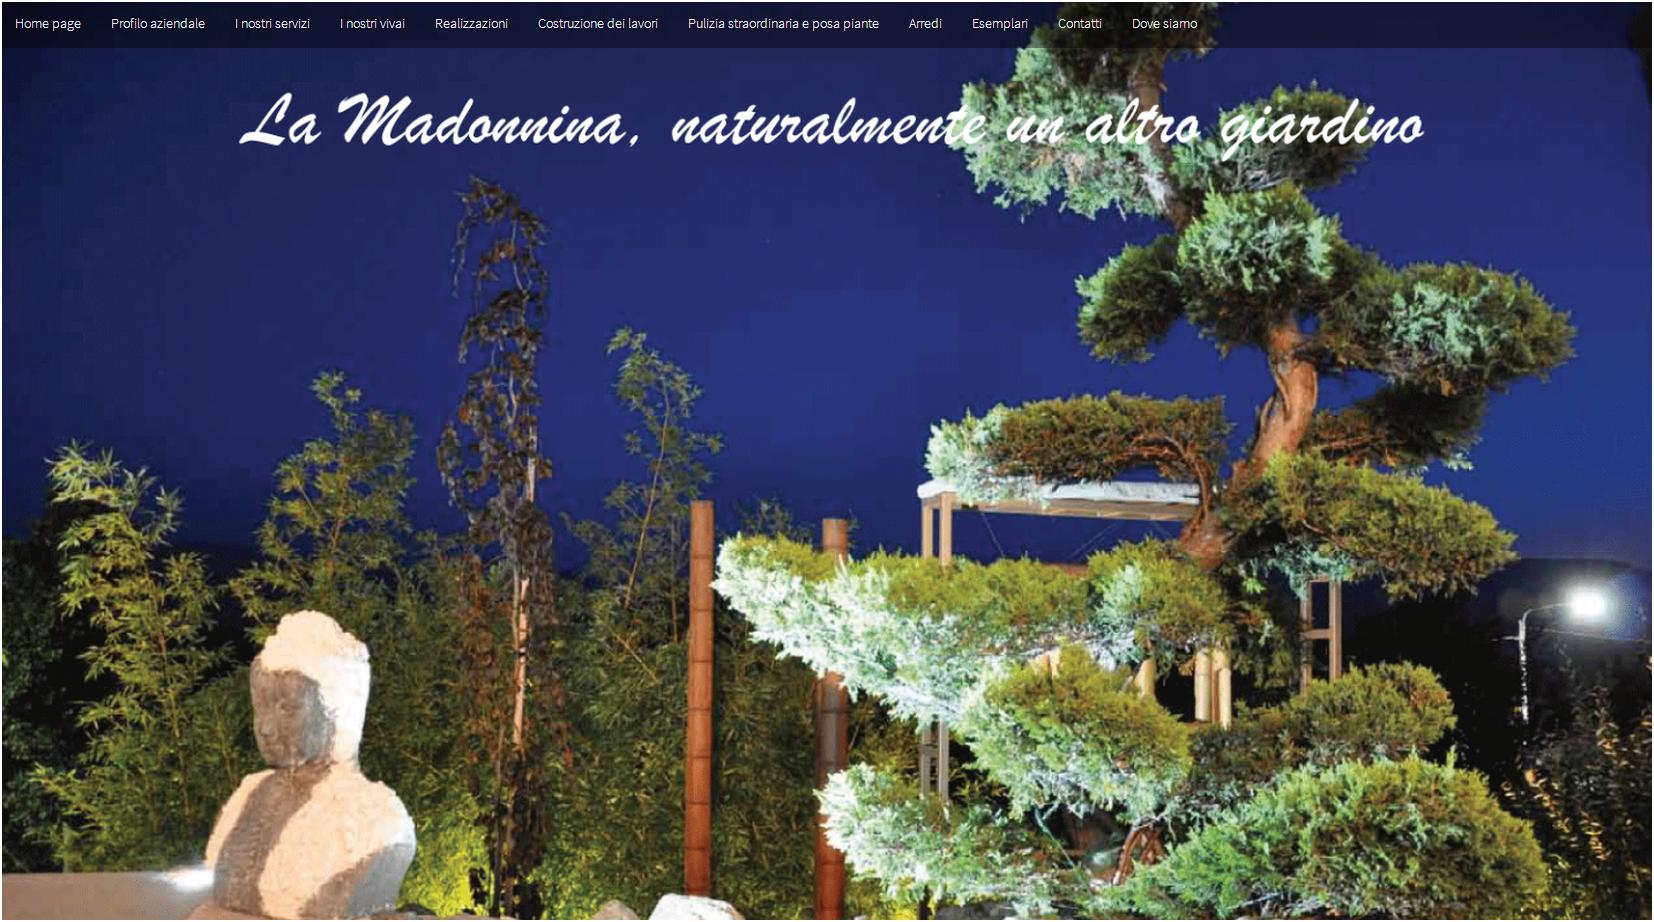 Vivai La Madonnina